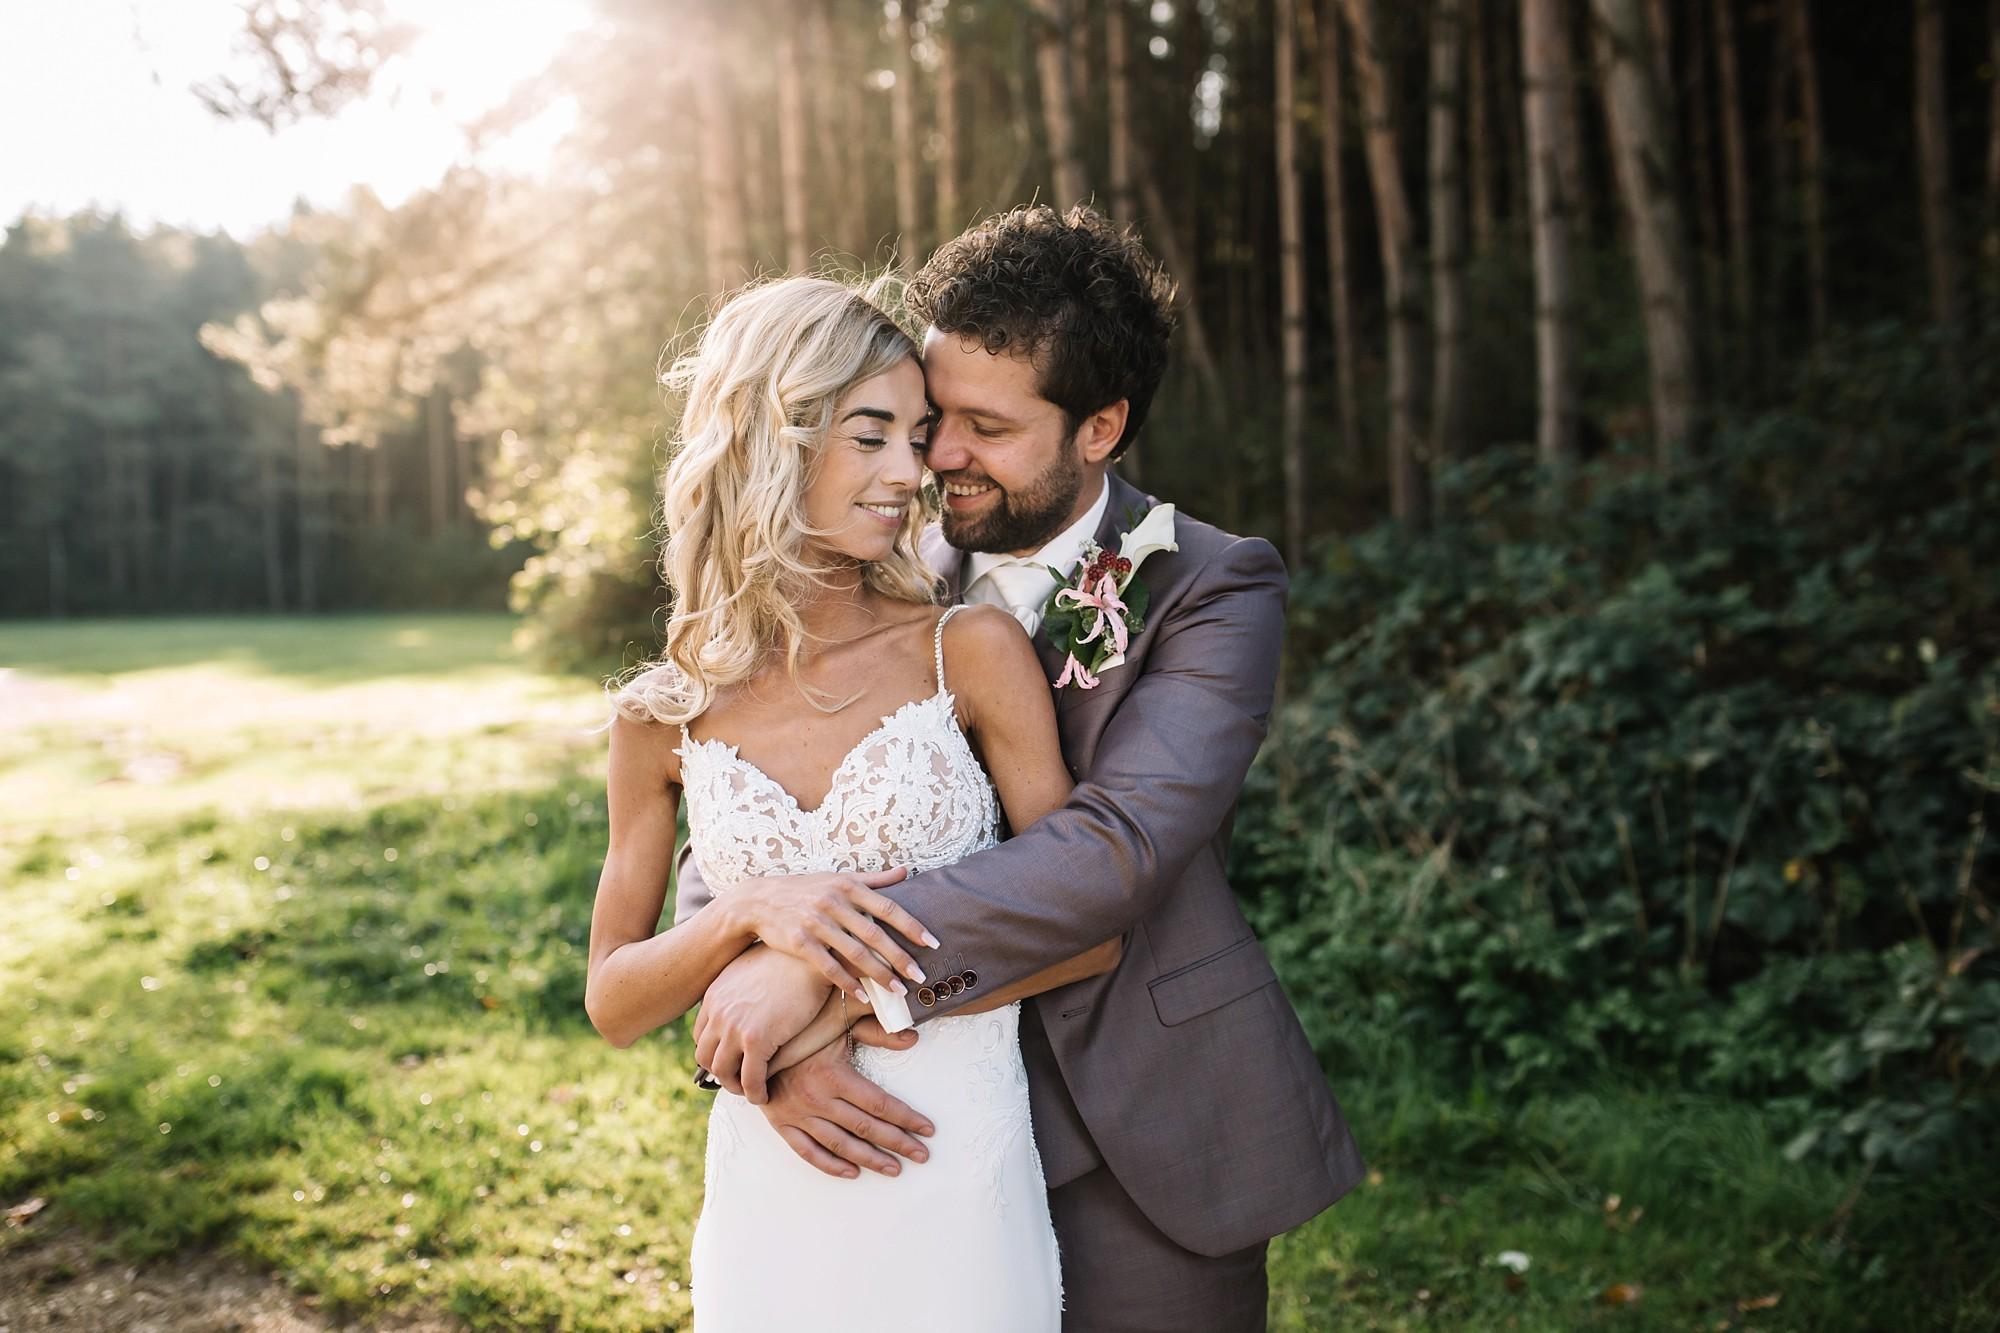 Bruiloft Veenendaal Fototshoot Kwintelooijen Rhenen